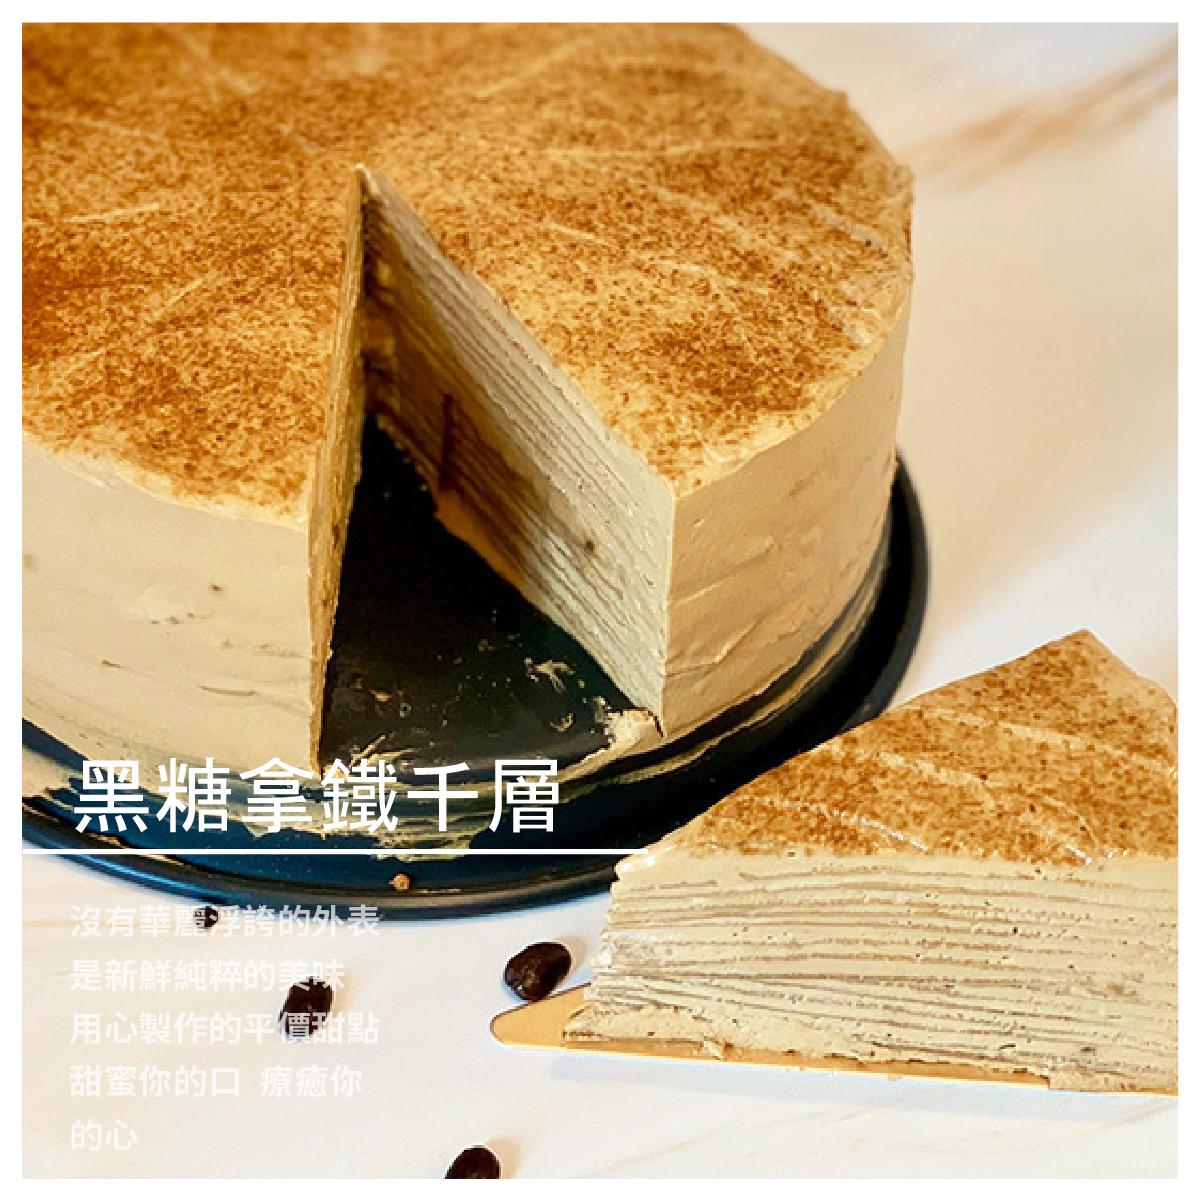 【口袋名單手工甜點】黑糖拿鐵千層/8吋